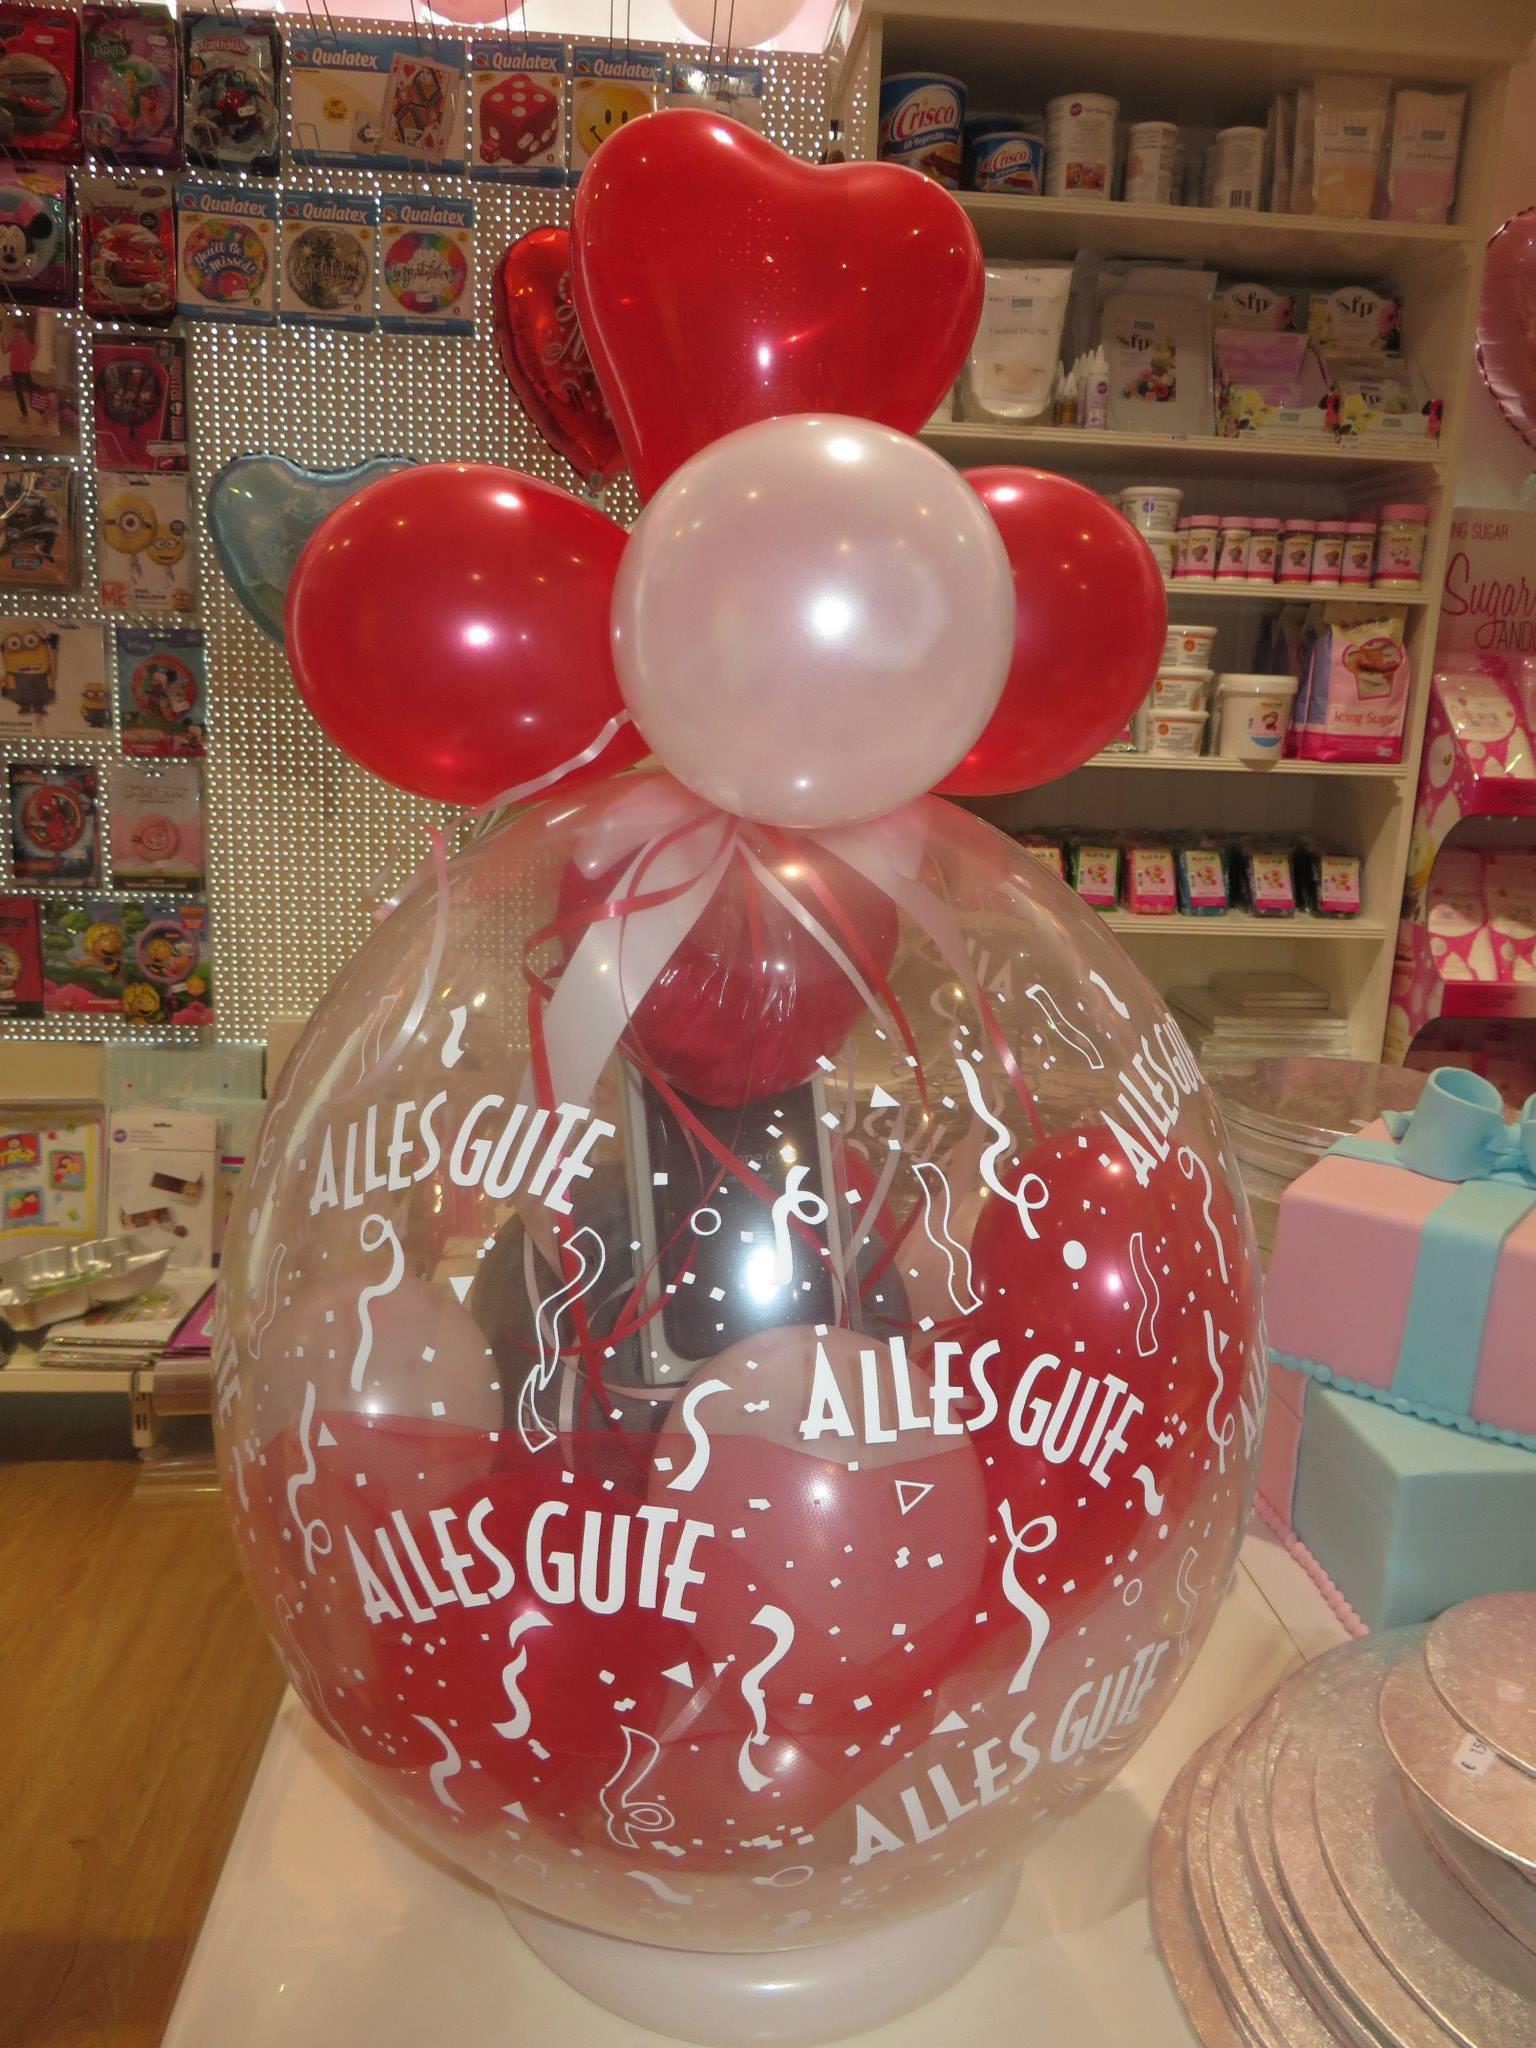 Tolle Ballongeschenke oder Ballon Dekorationen findest du